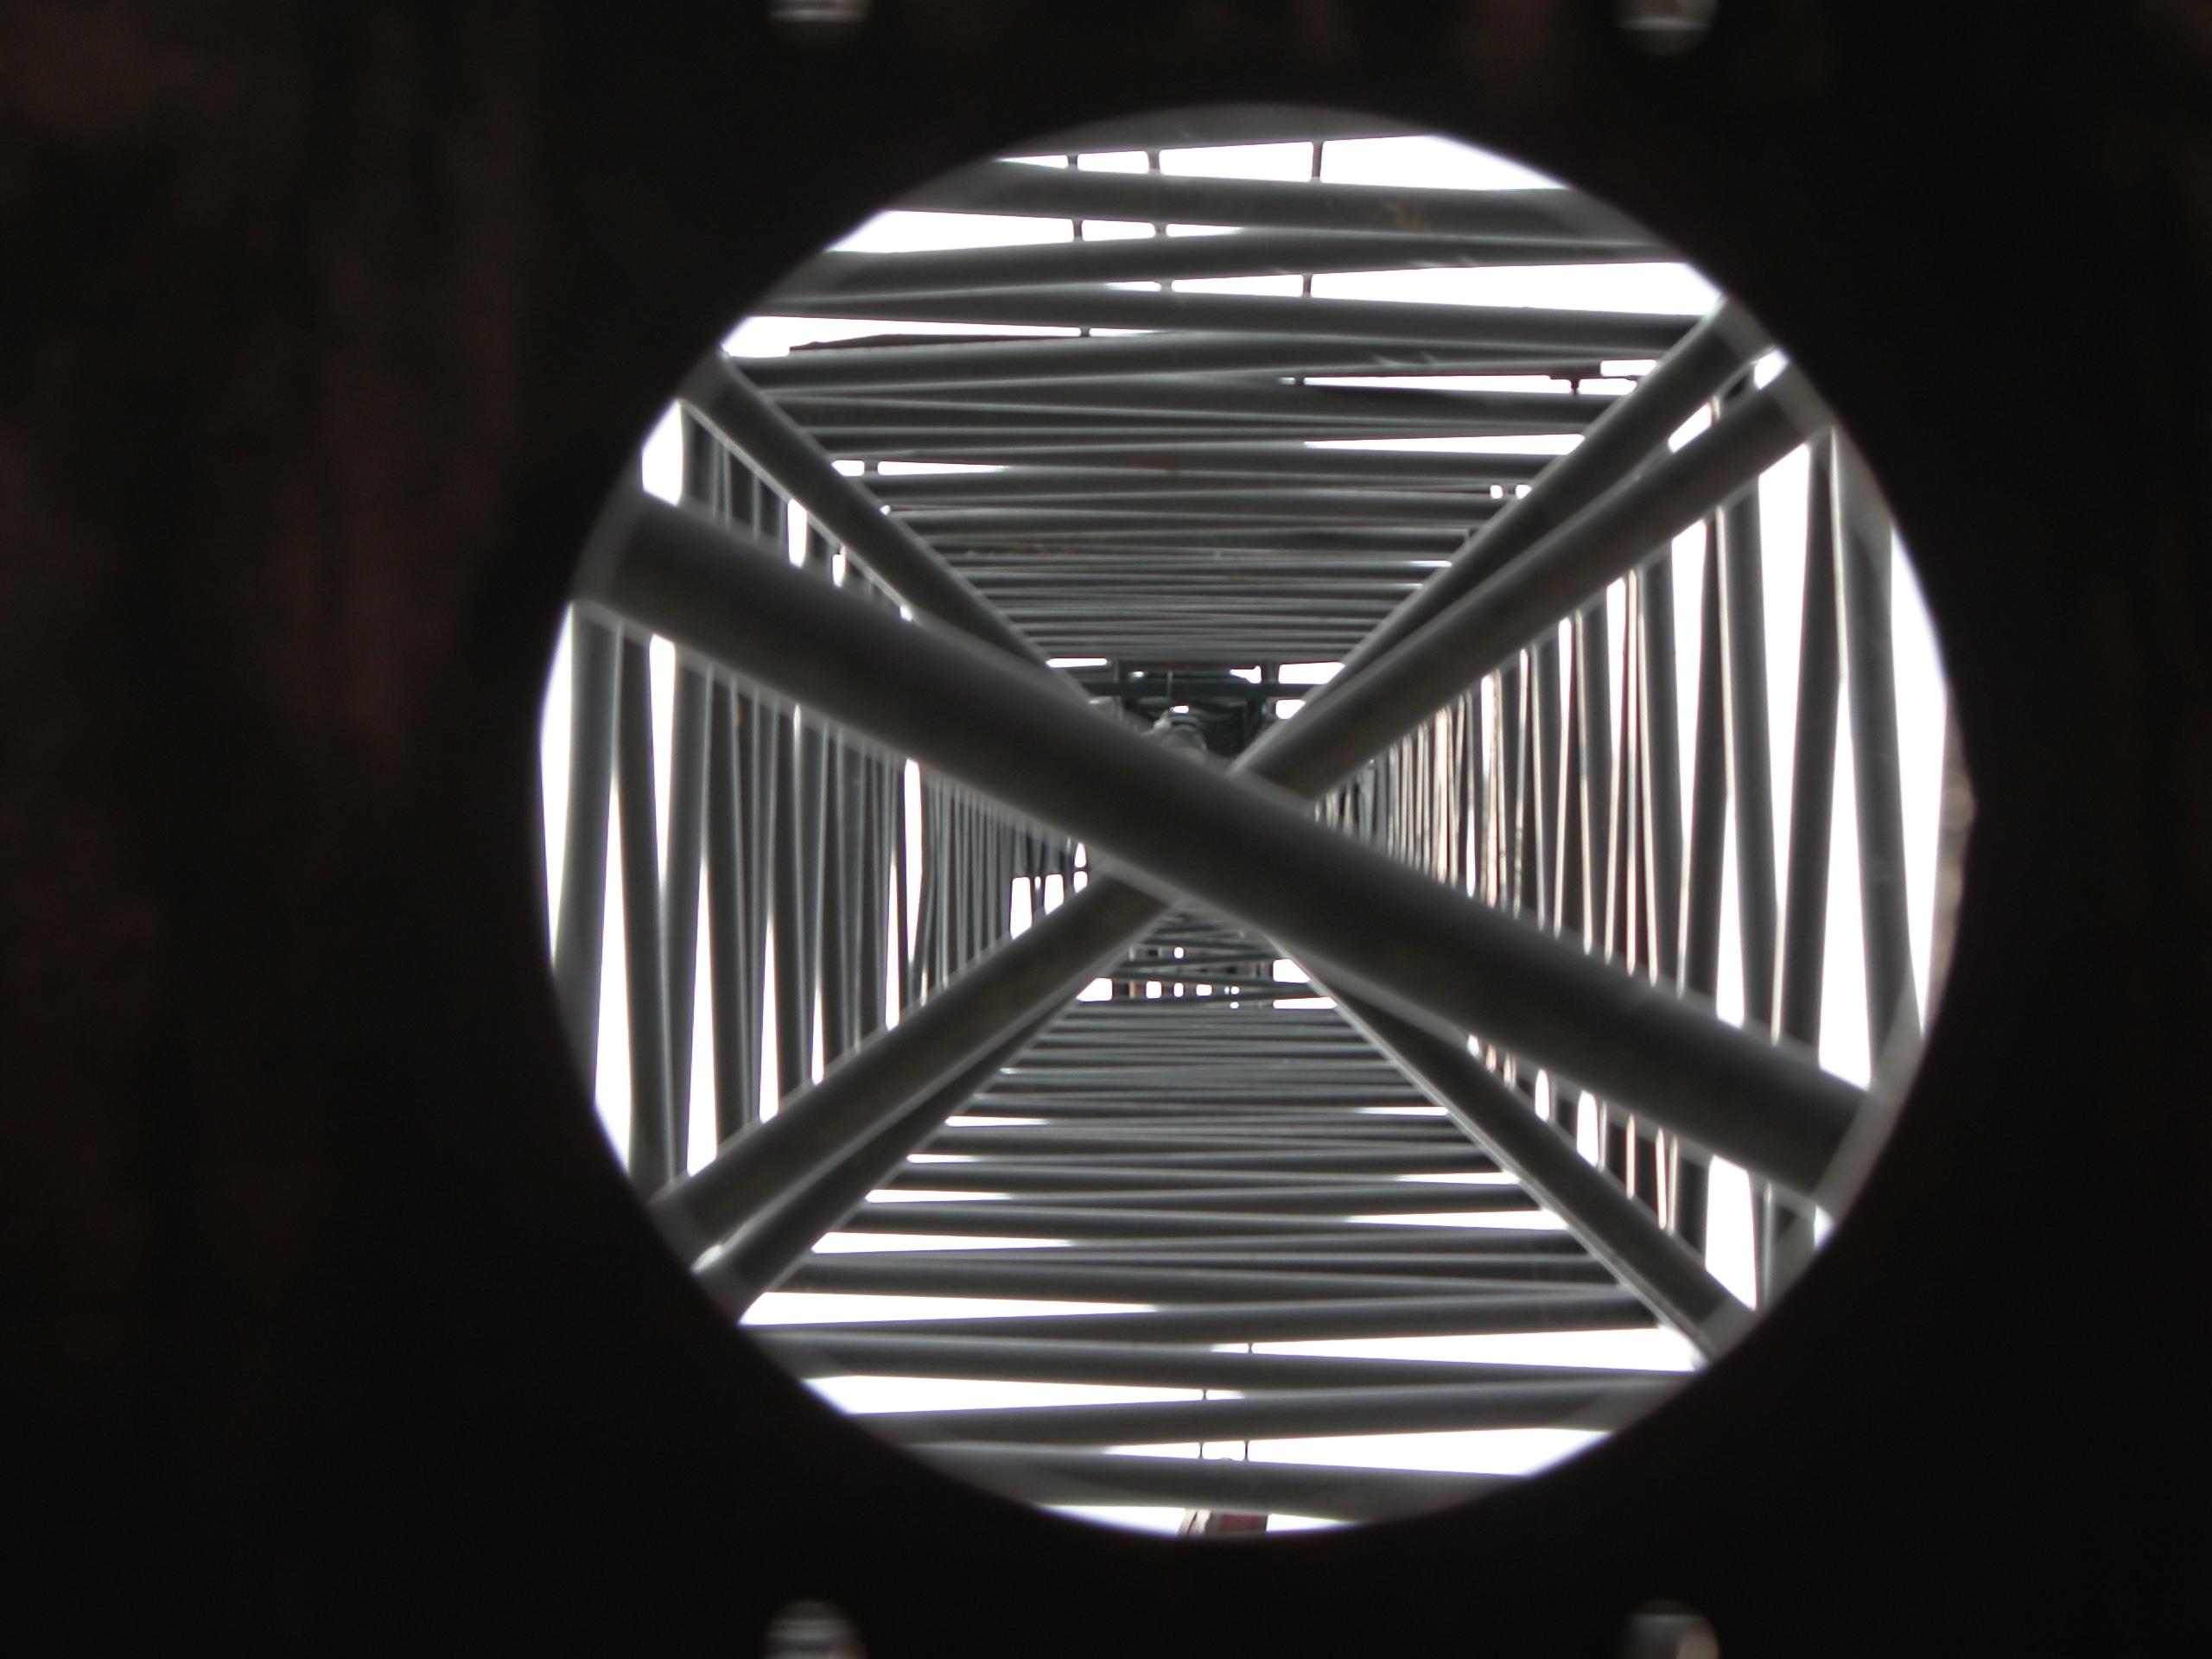 beams crossing a circle tower